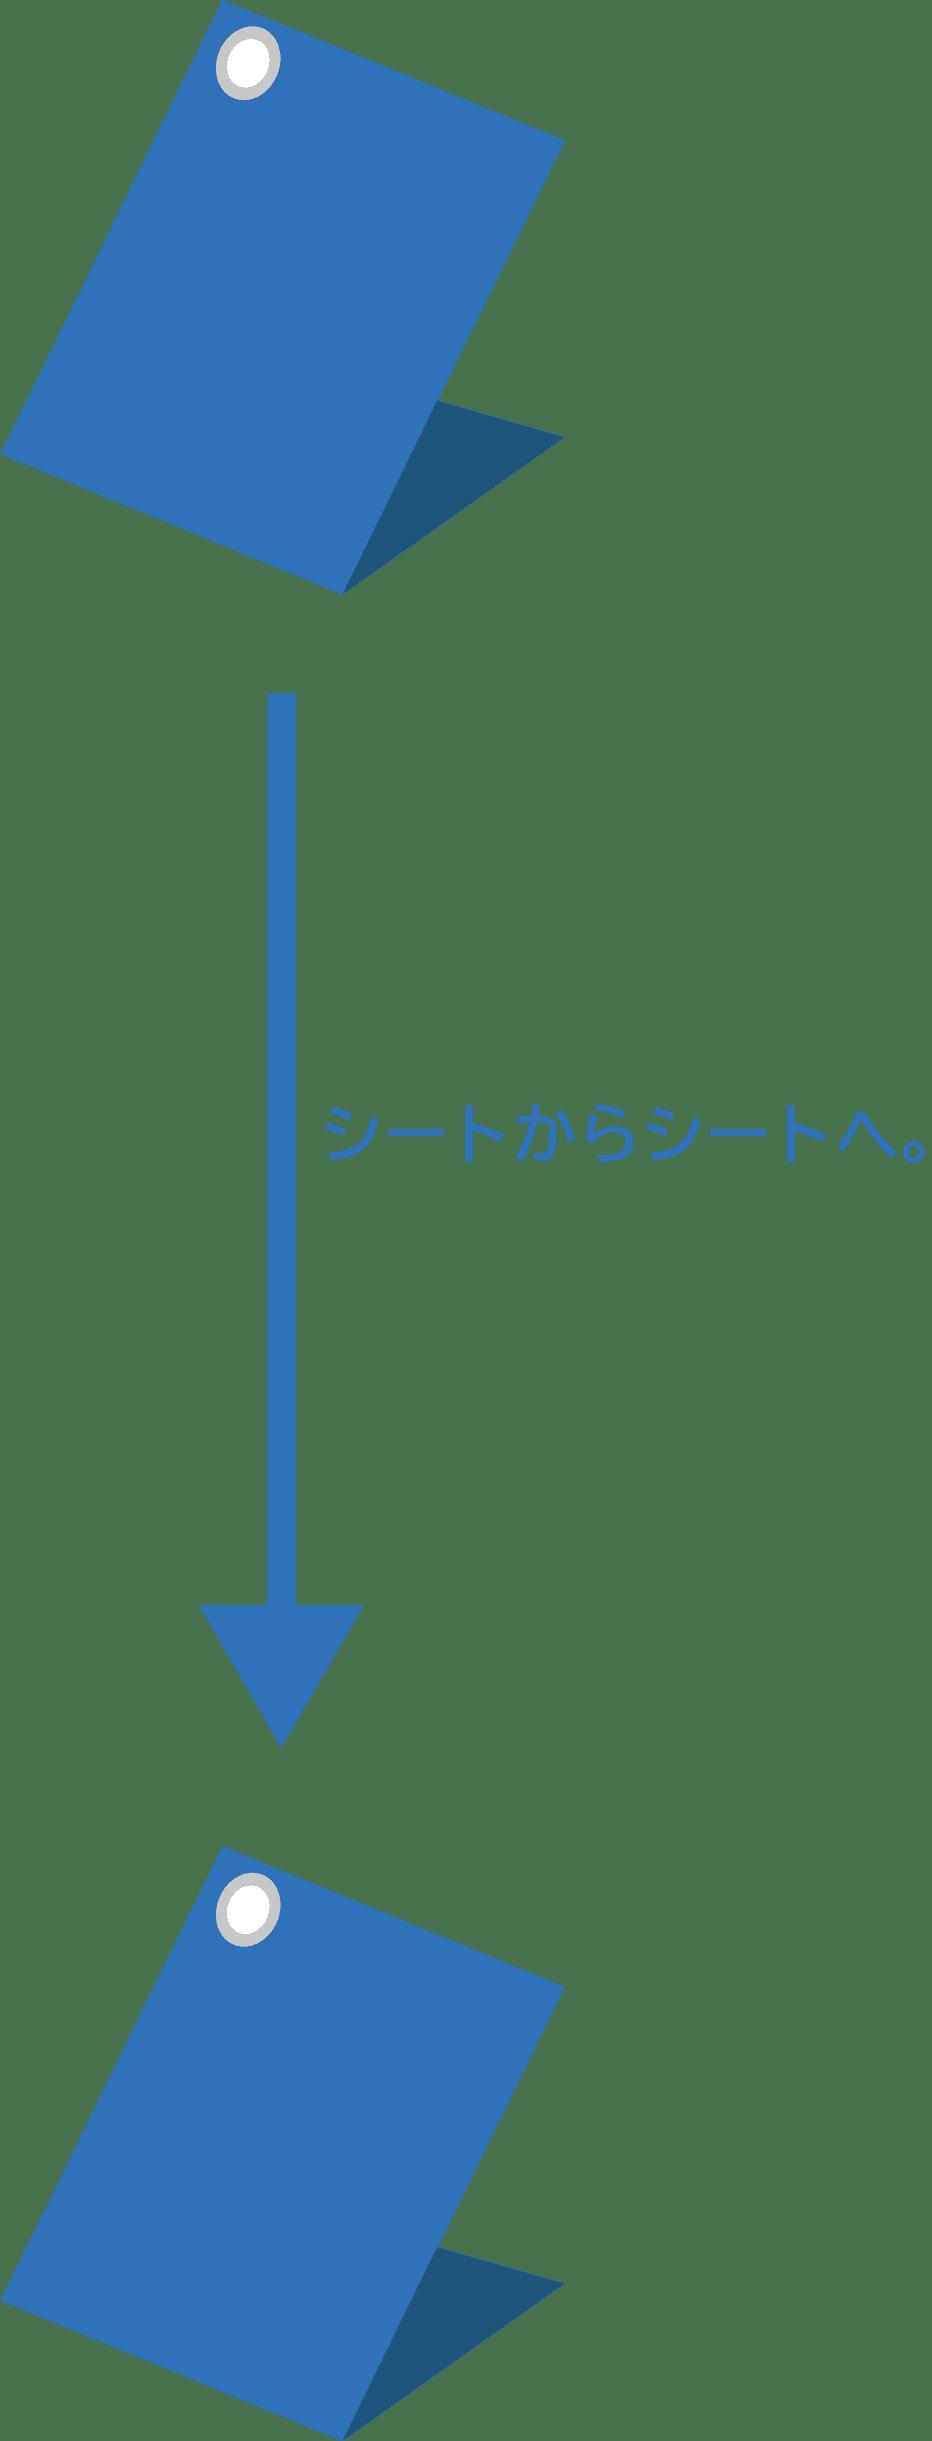 画像:Revalue+の水平リサイクルを表す図形